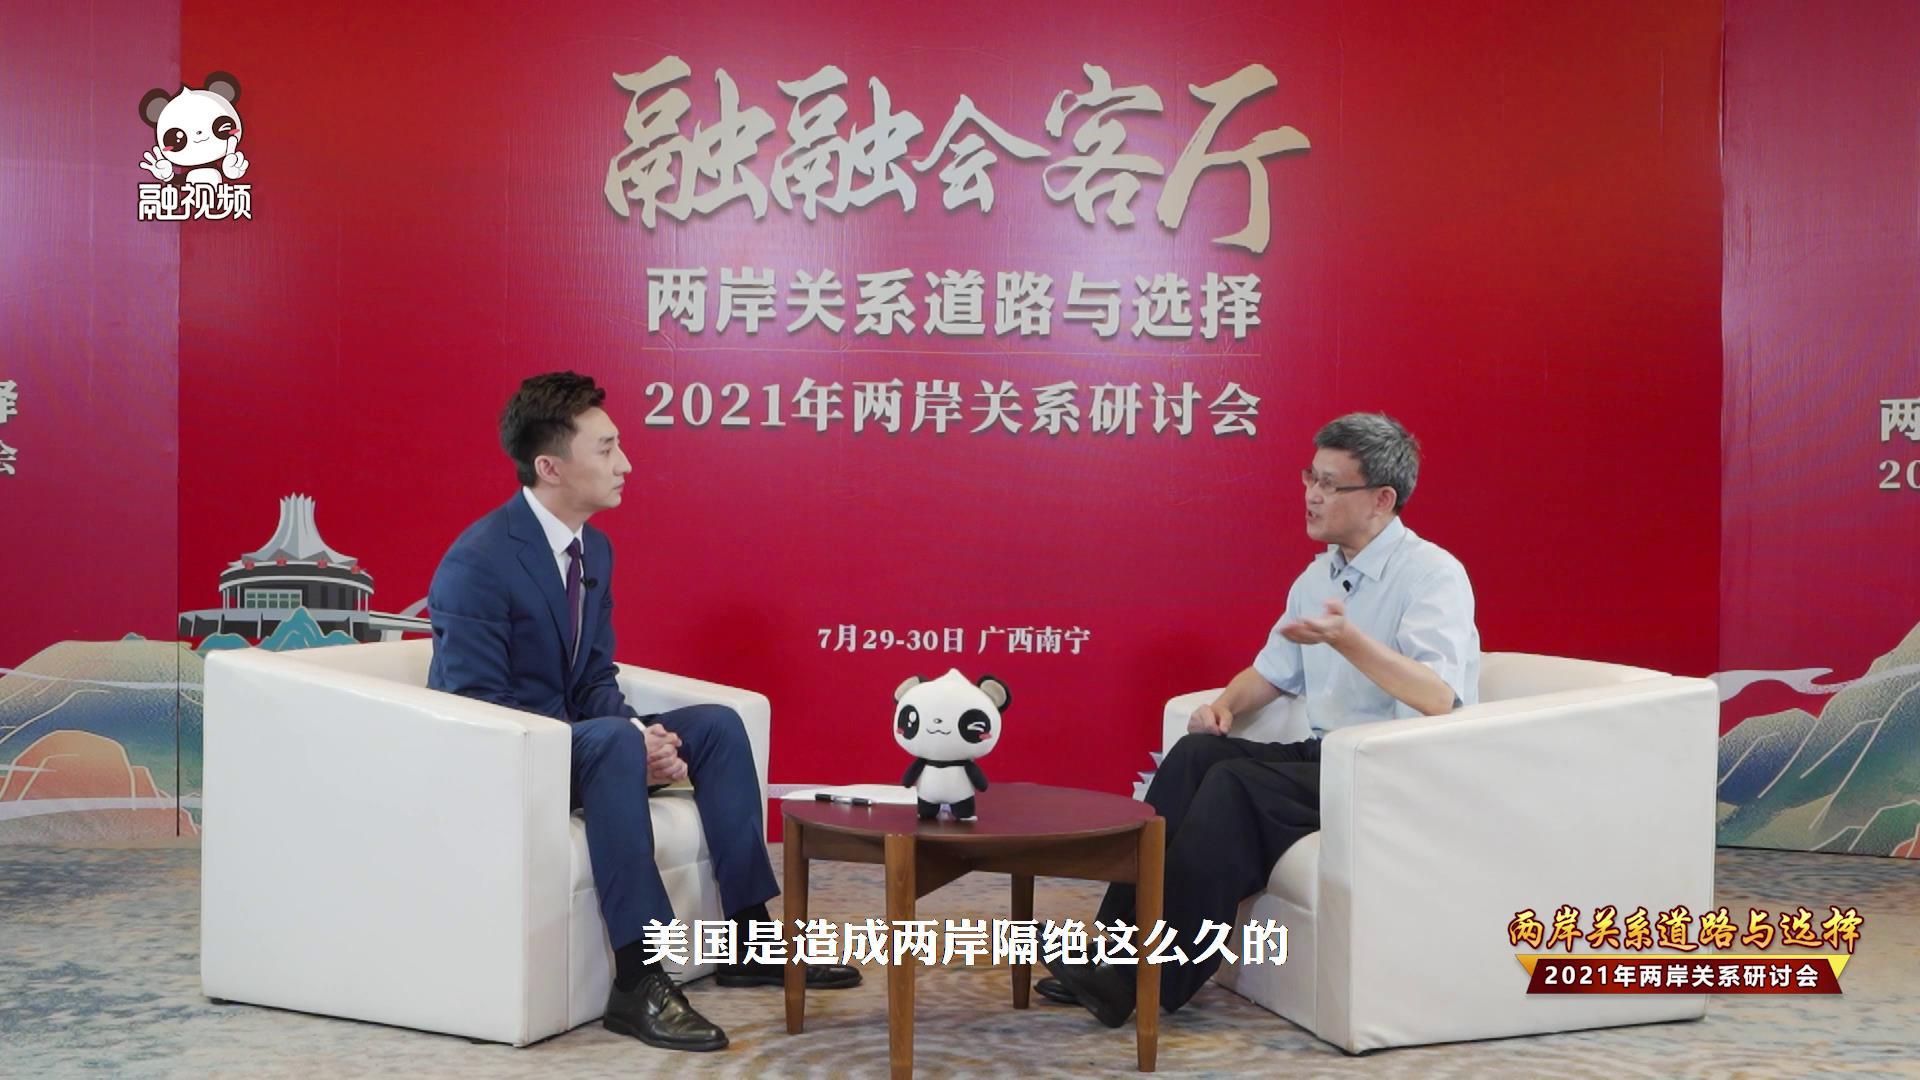 王海良:拜登政府丧失与中国重新确定架构维持台海和平机会图片